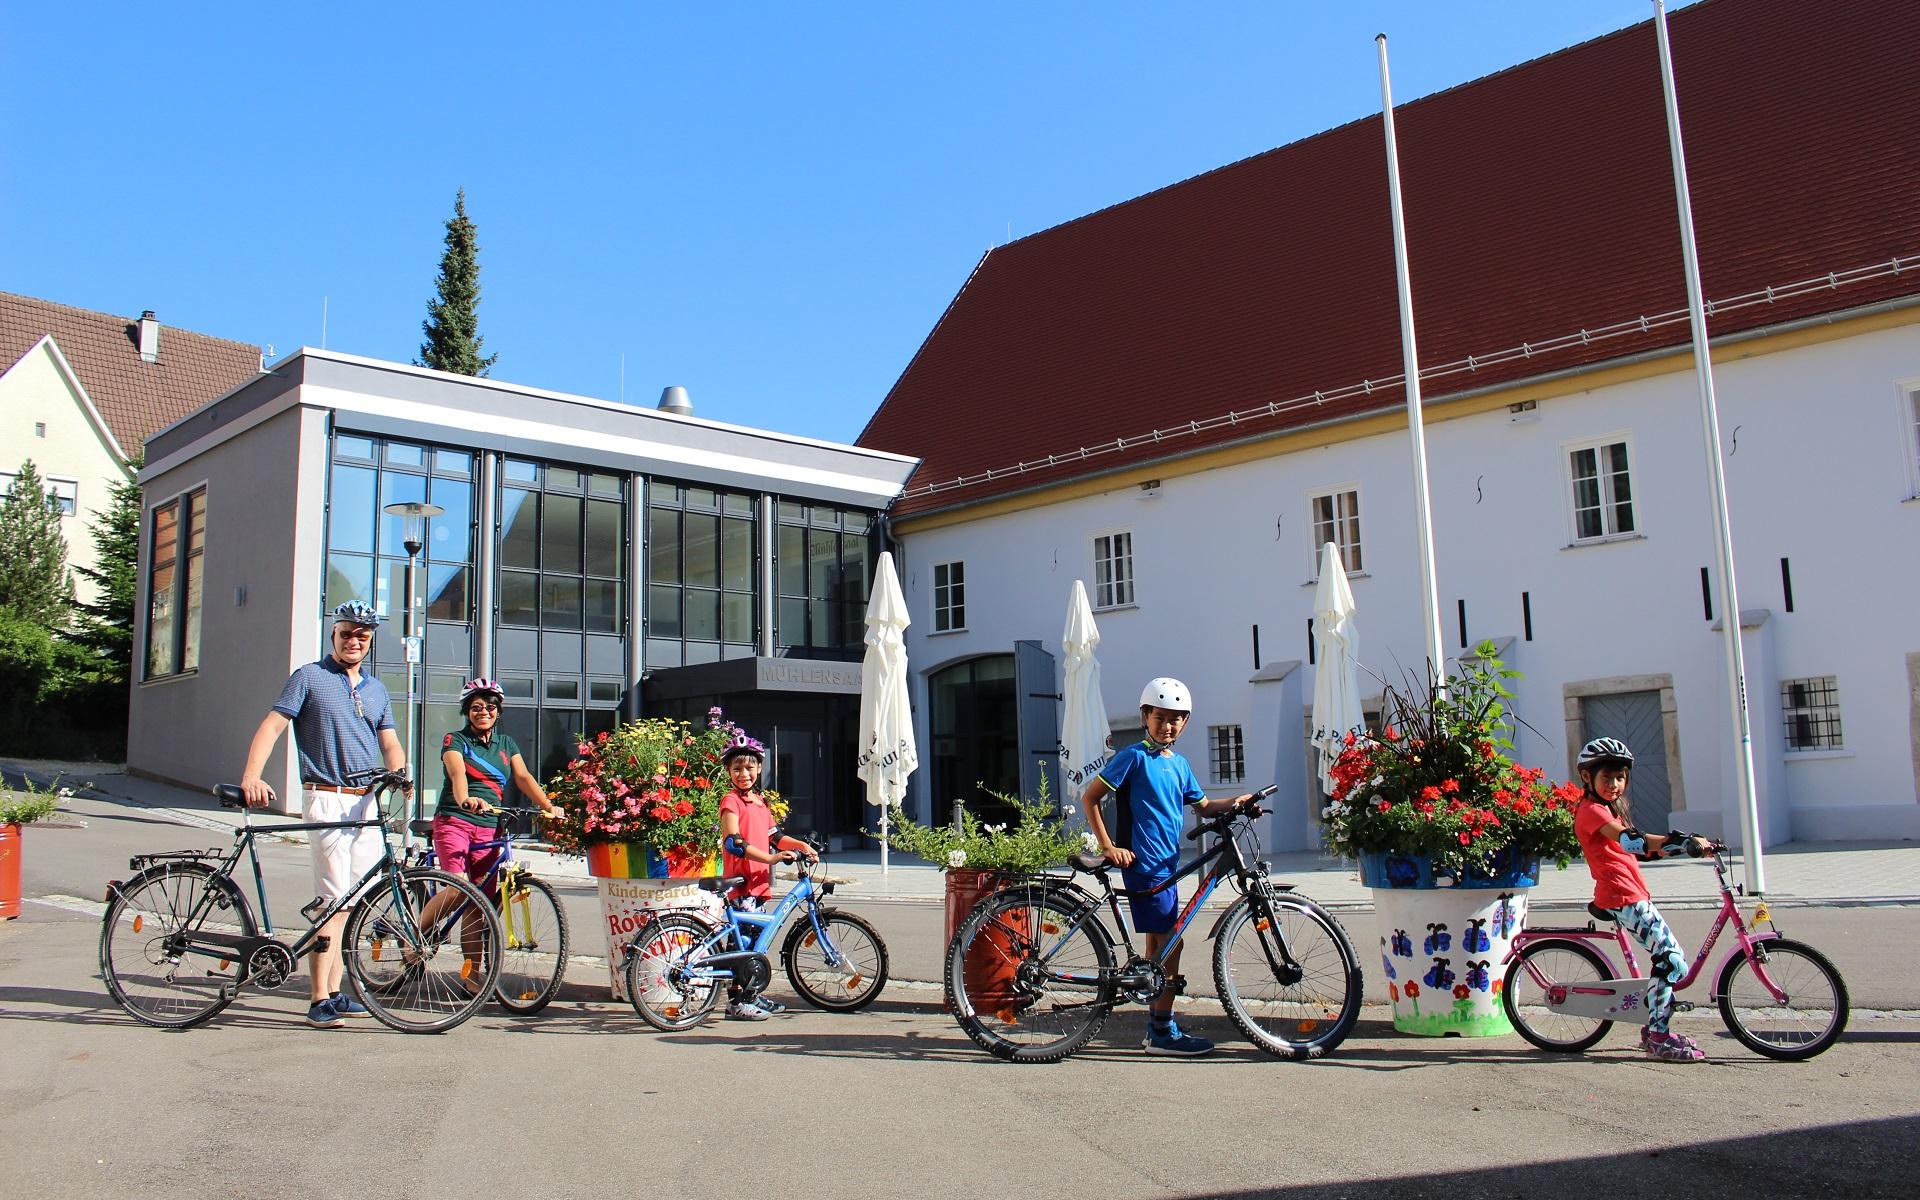 Familie mit Fahrrädern vor dem Mühlenensemble